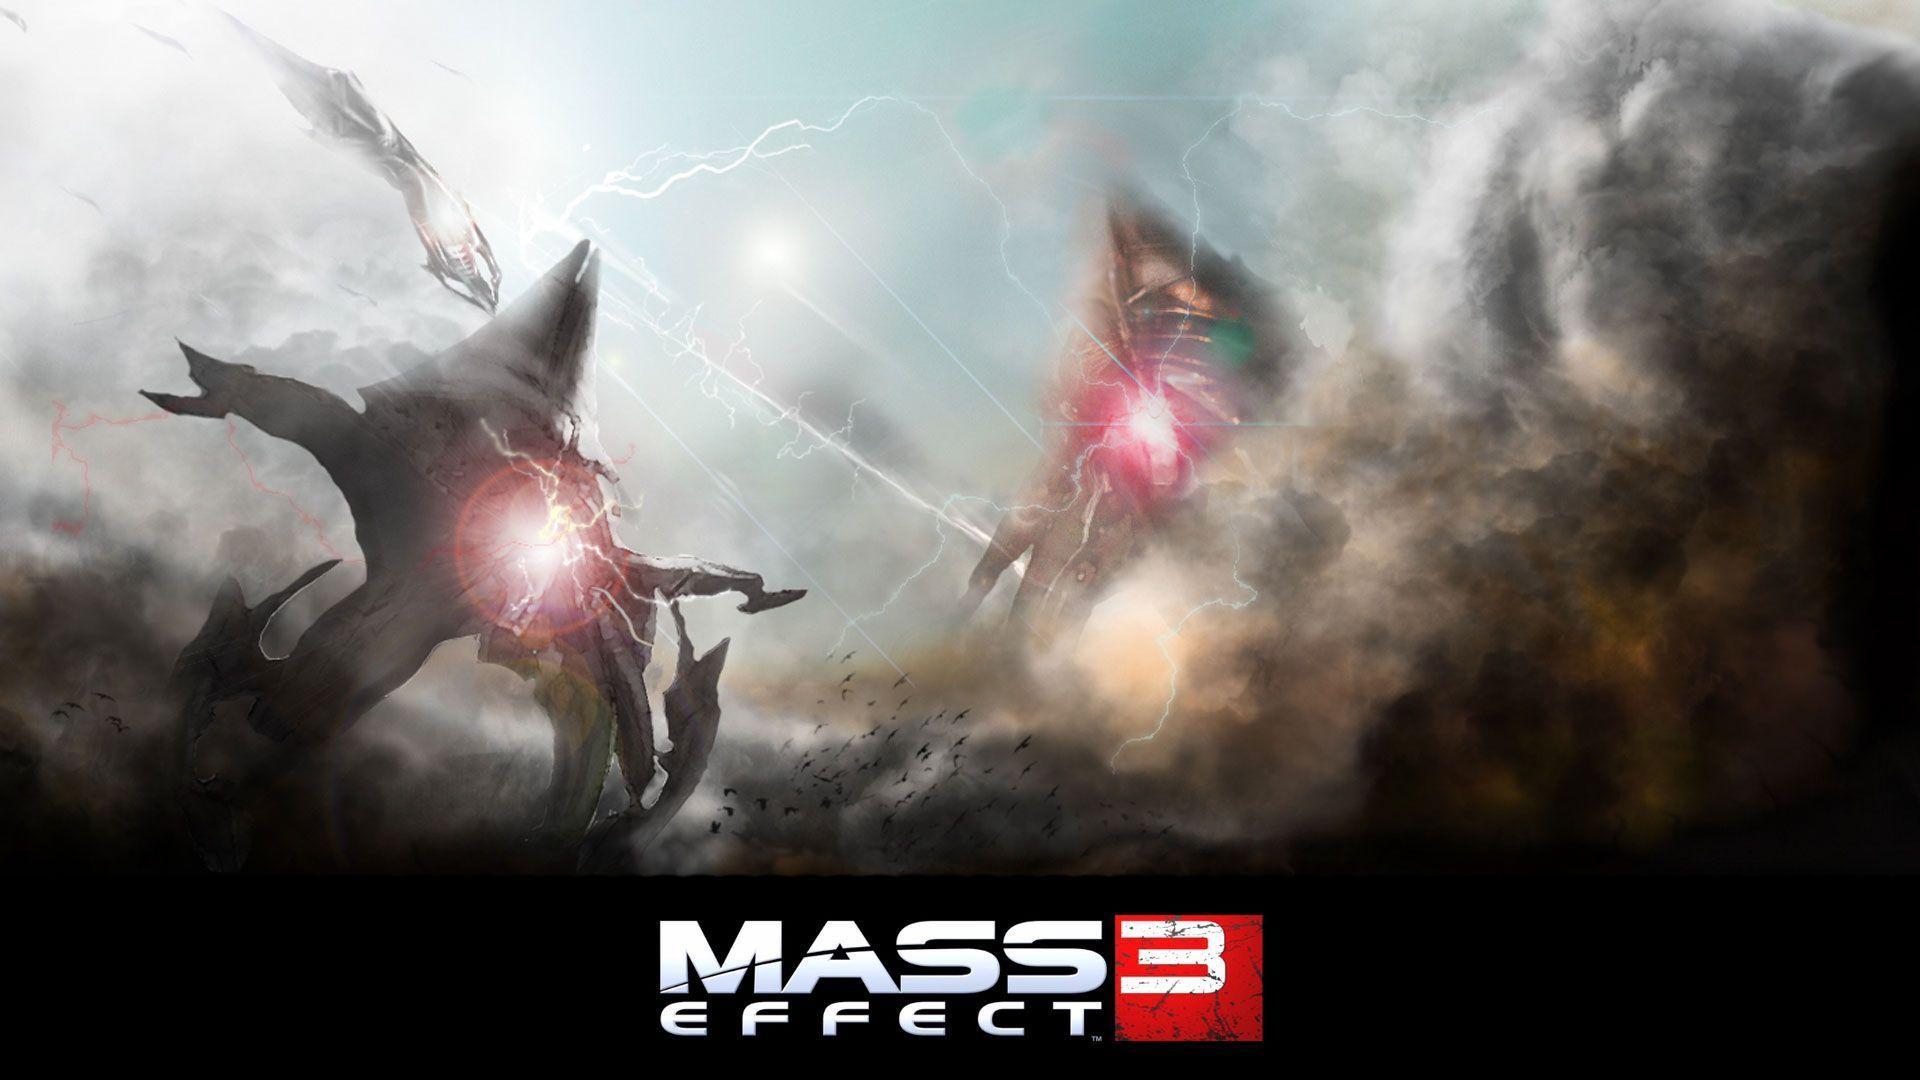 395 mass effect hd - photo #6